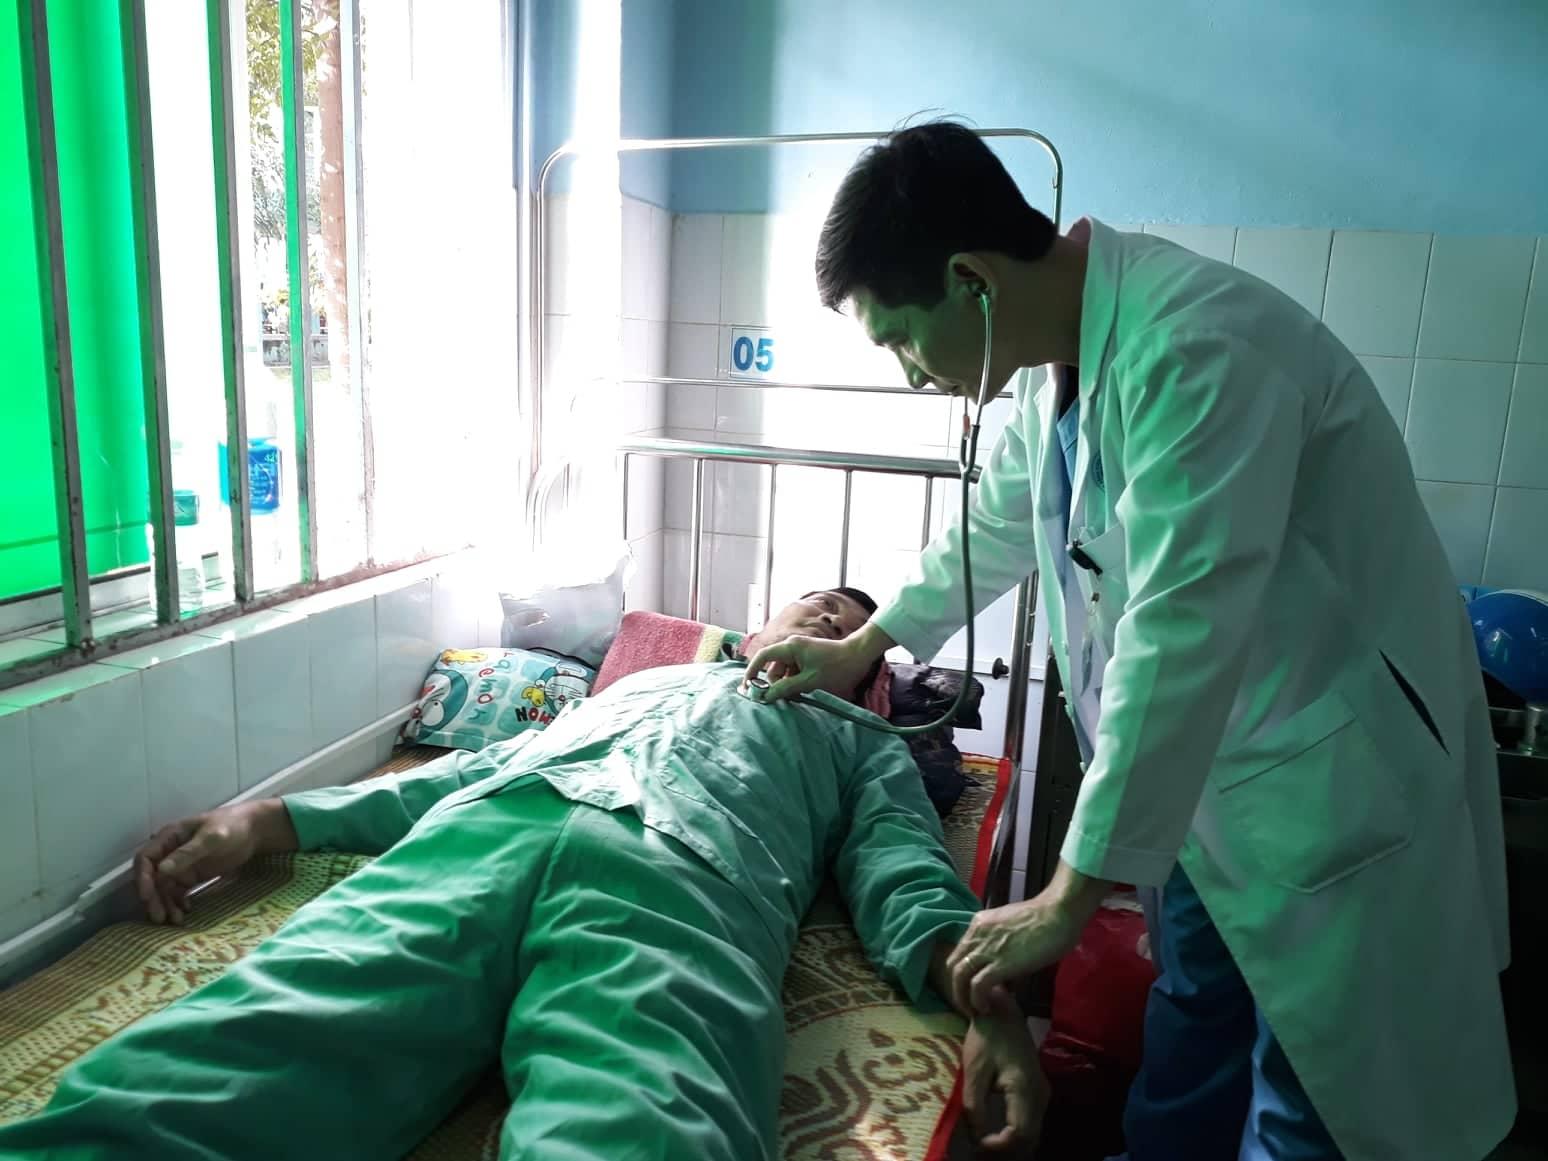 Bác sĩ Nguyễn Lương Quang (Khoa Nội tim mạch) khám cho bệnh nhân S., trước khi xuất viện. Ảnh: C.N